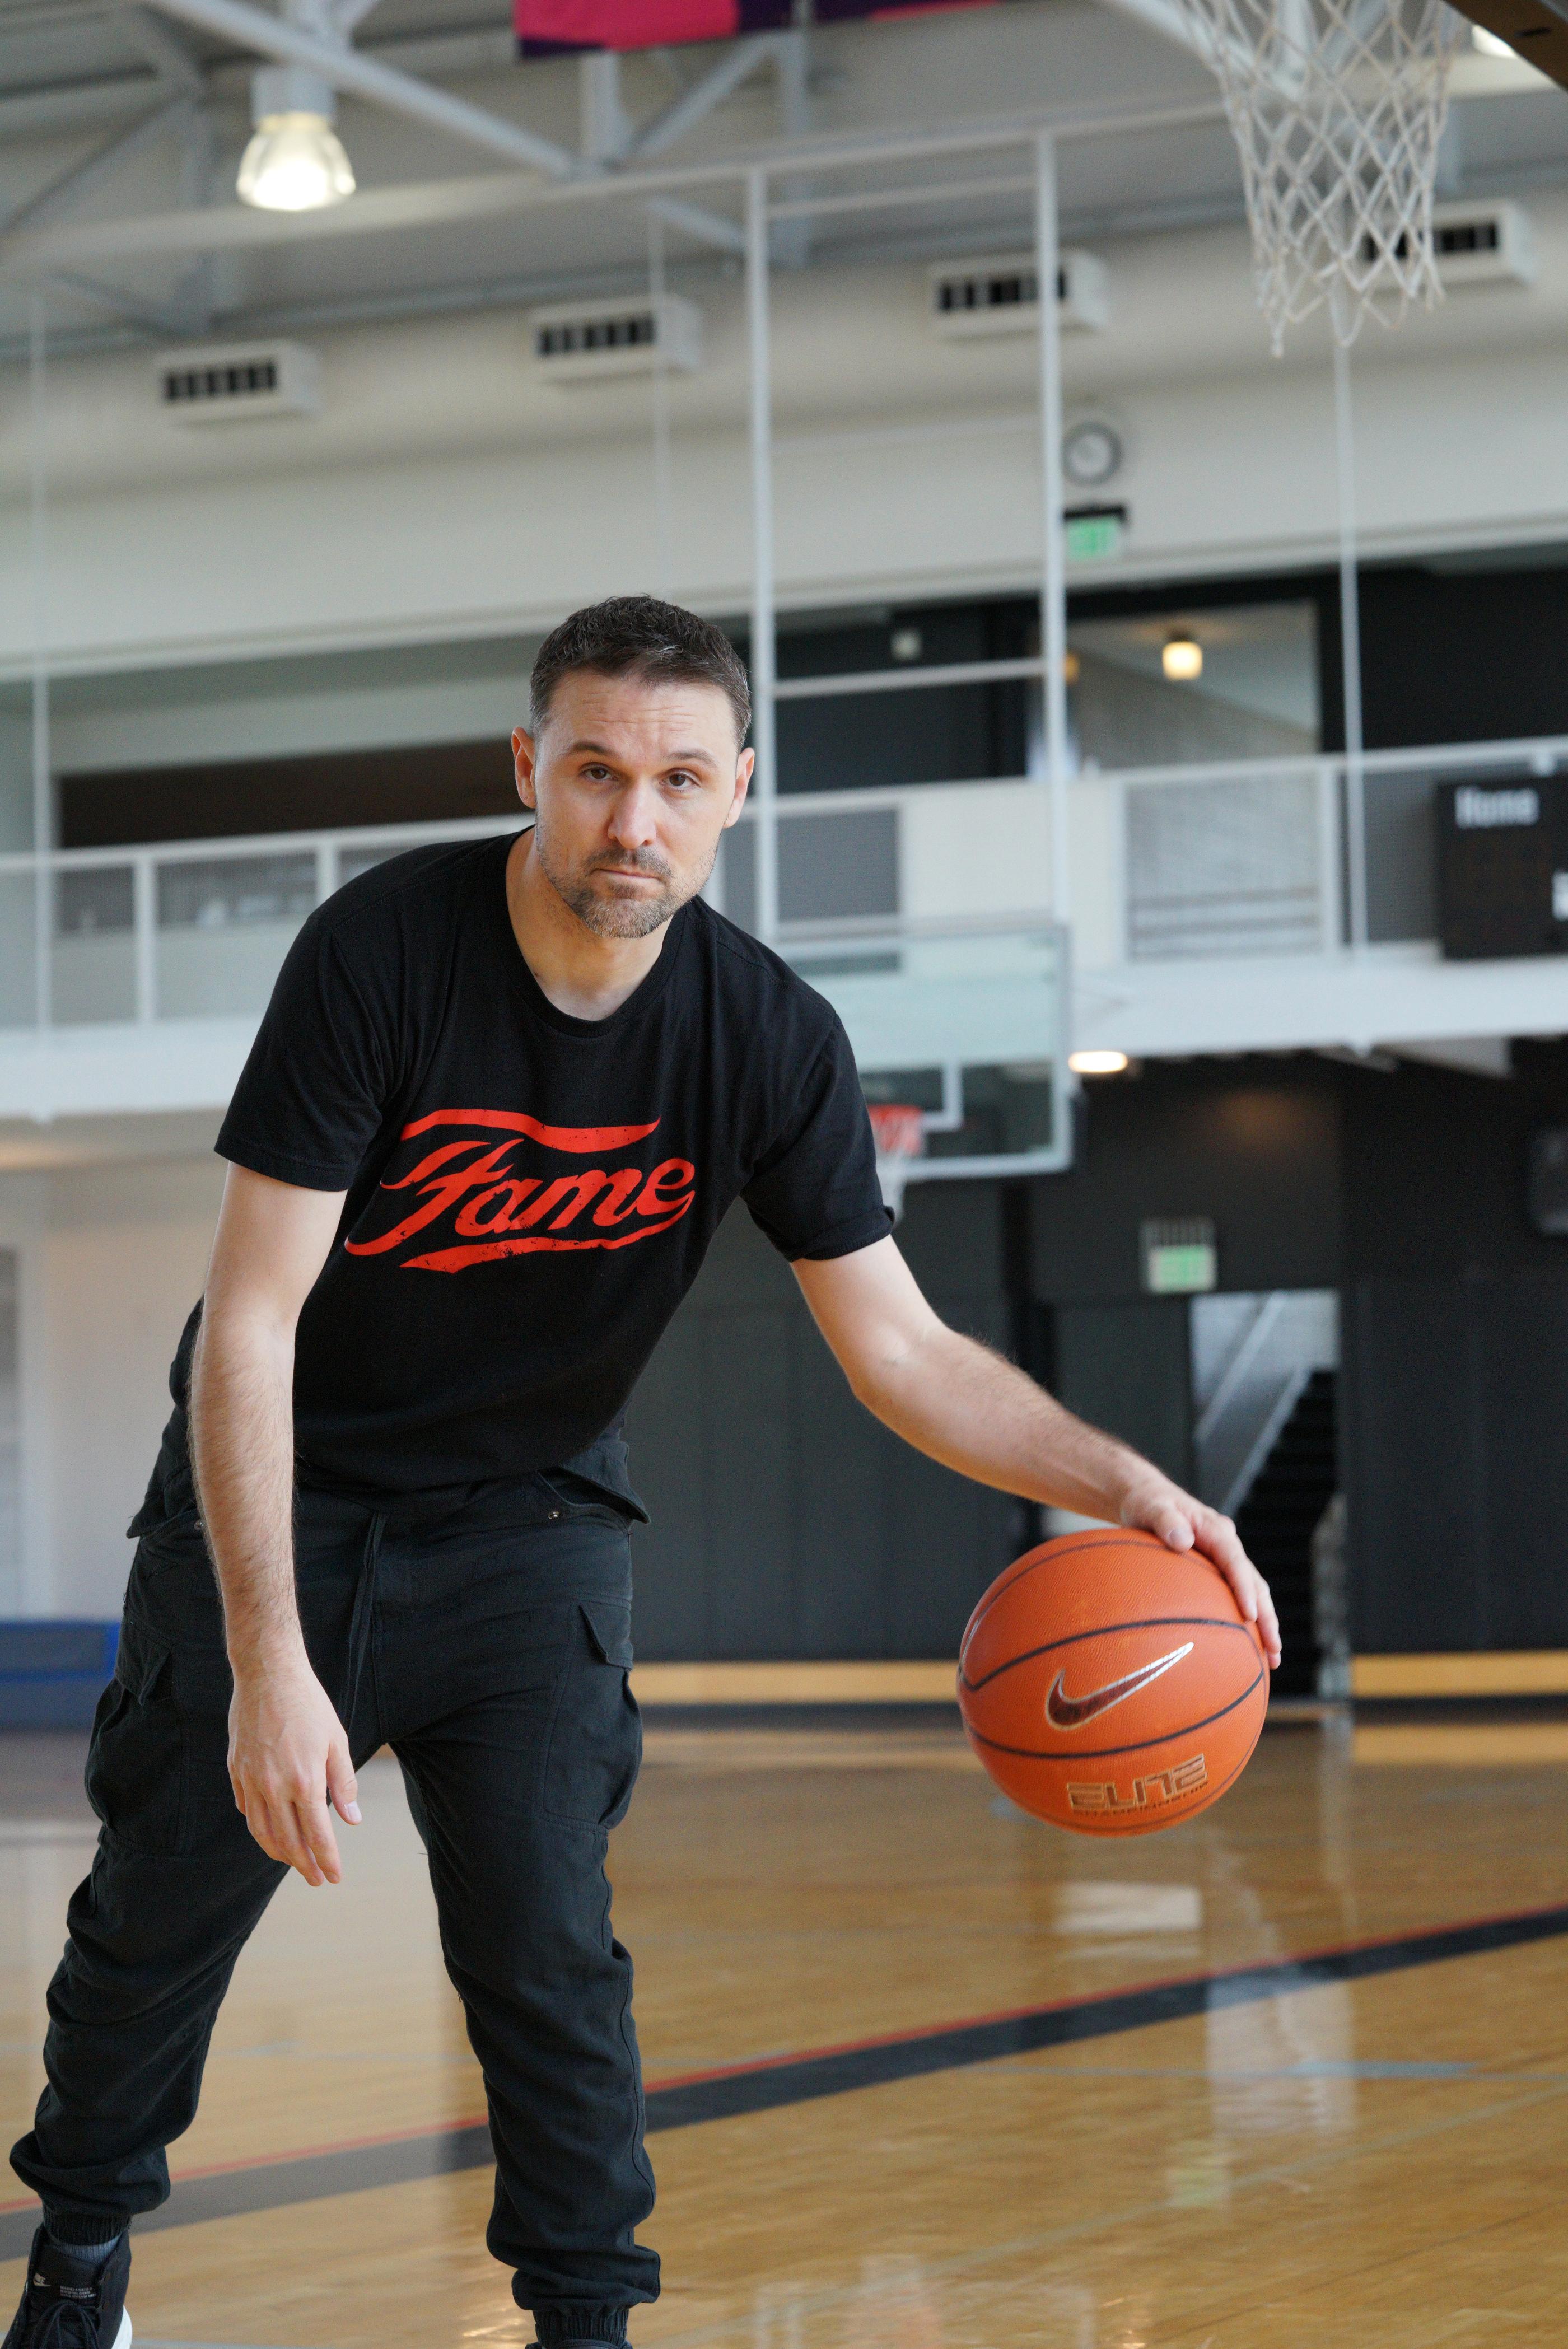 Tony Hardman in ATW 'Fame' tee.